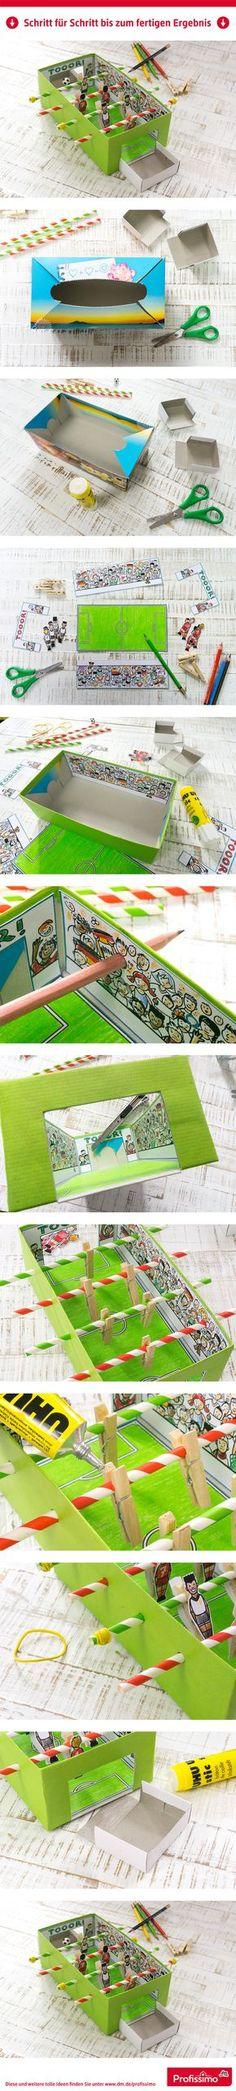 Mini-Tischkicker // Kaum zu glauben, eine Taschentücher-Box lässt sich in ein ganzes Fußballstadion verwandeln! Mit Hilfe von Trinkhalmen und Wäscheklammern wird der Miniatur-Tischkicker einsatzbereit. Viel Spaß beim Miniatur-Kickern! // // Eine Schritt-für-Schritt Anleitung finden Sie auf dm.de/profissimo-kreativ // #ProfissimoKreativ #basteln #Idee #Kreativ #DIY #Fußball #Tischkicker